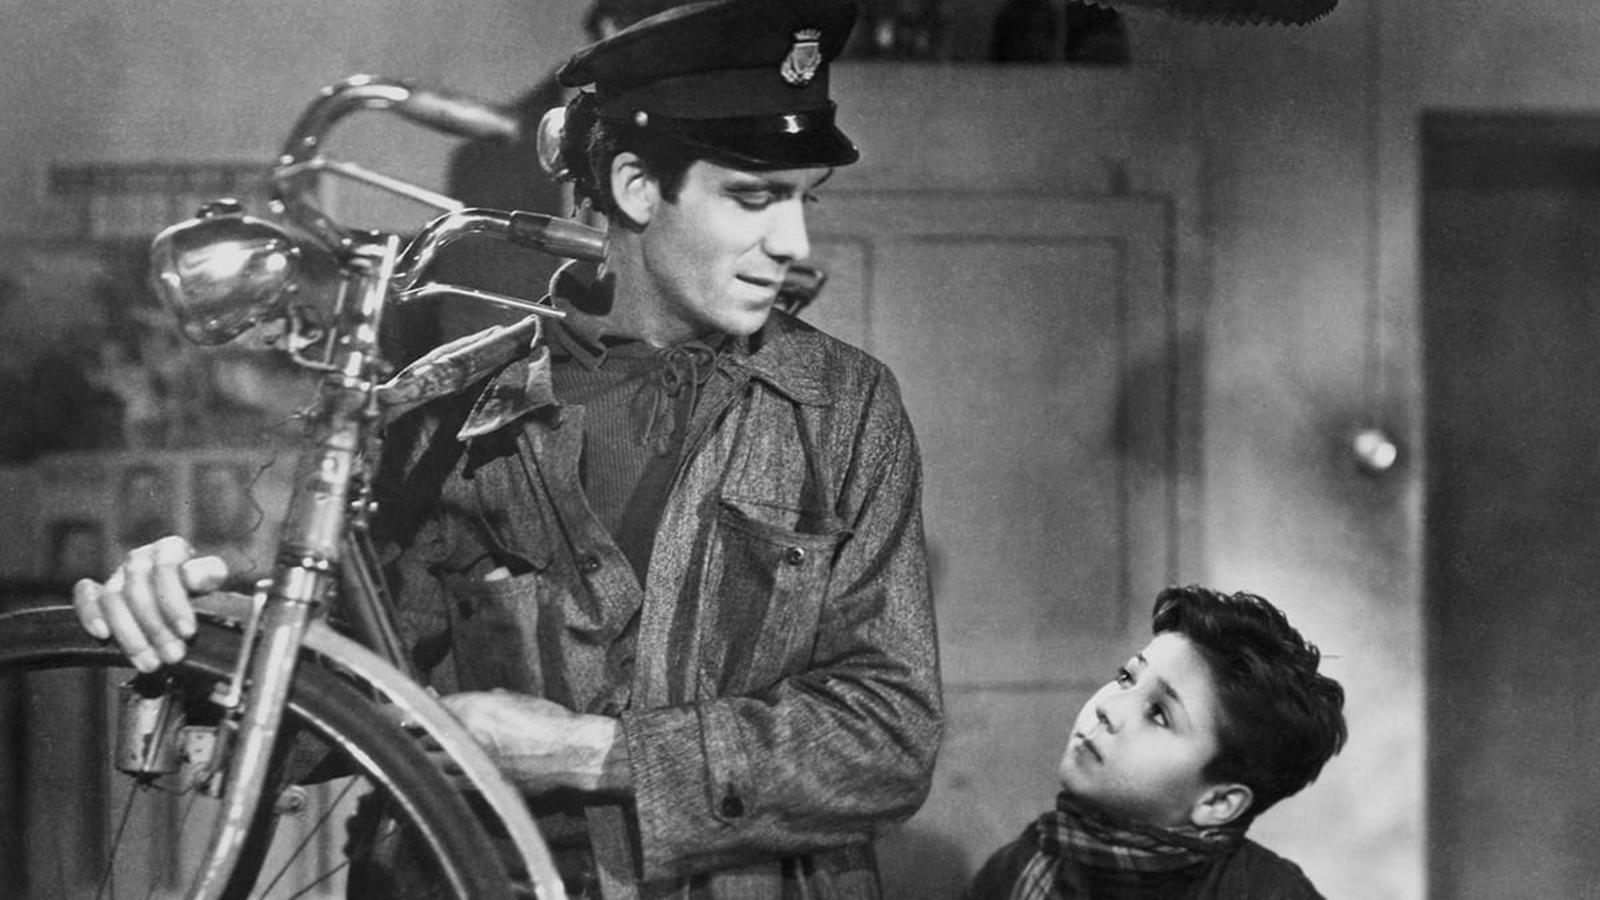 Vyras laikydamas dviratį rankose žiūri į mažą berniuką